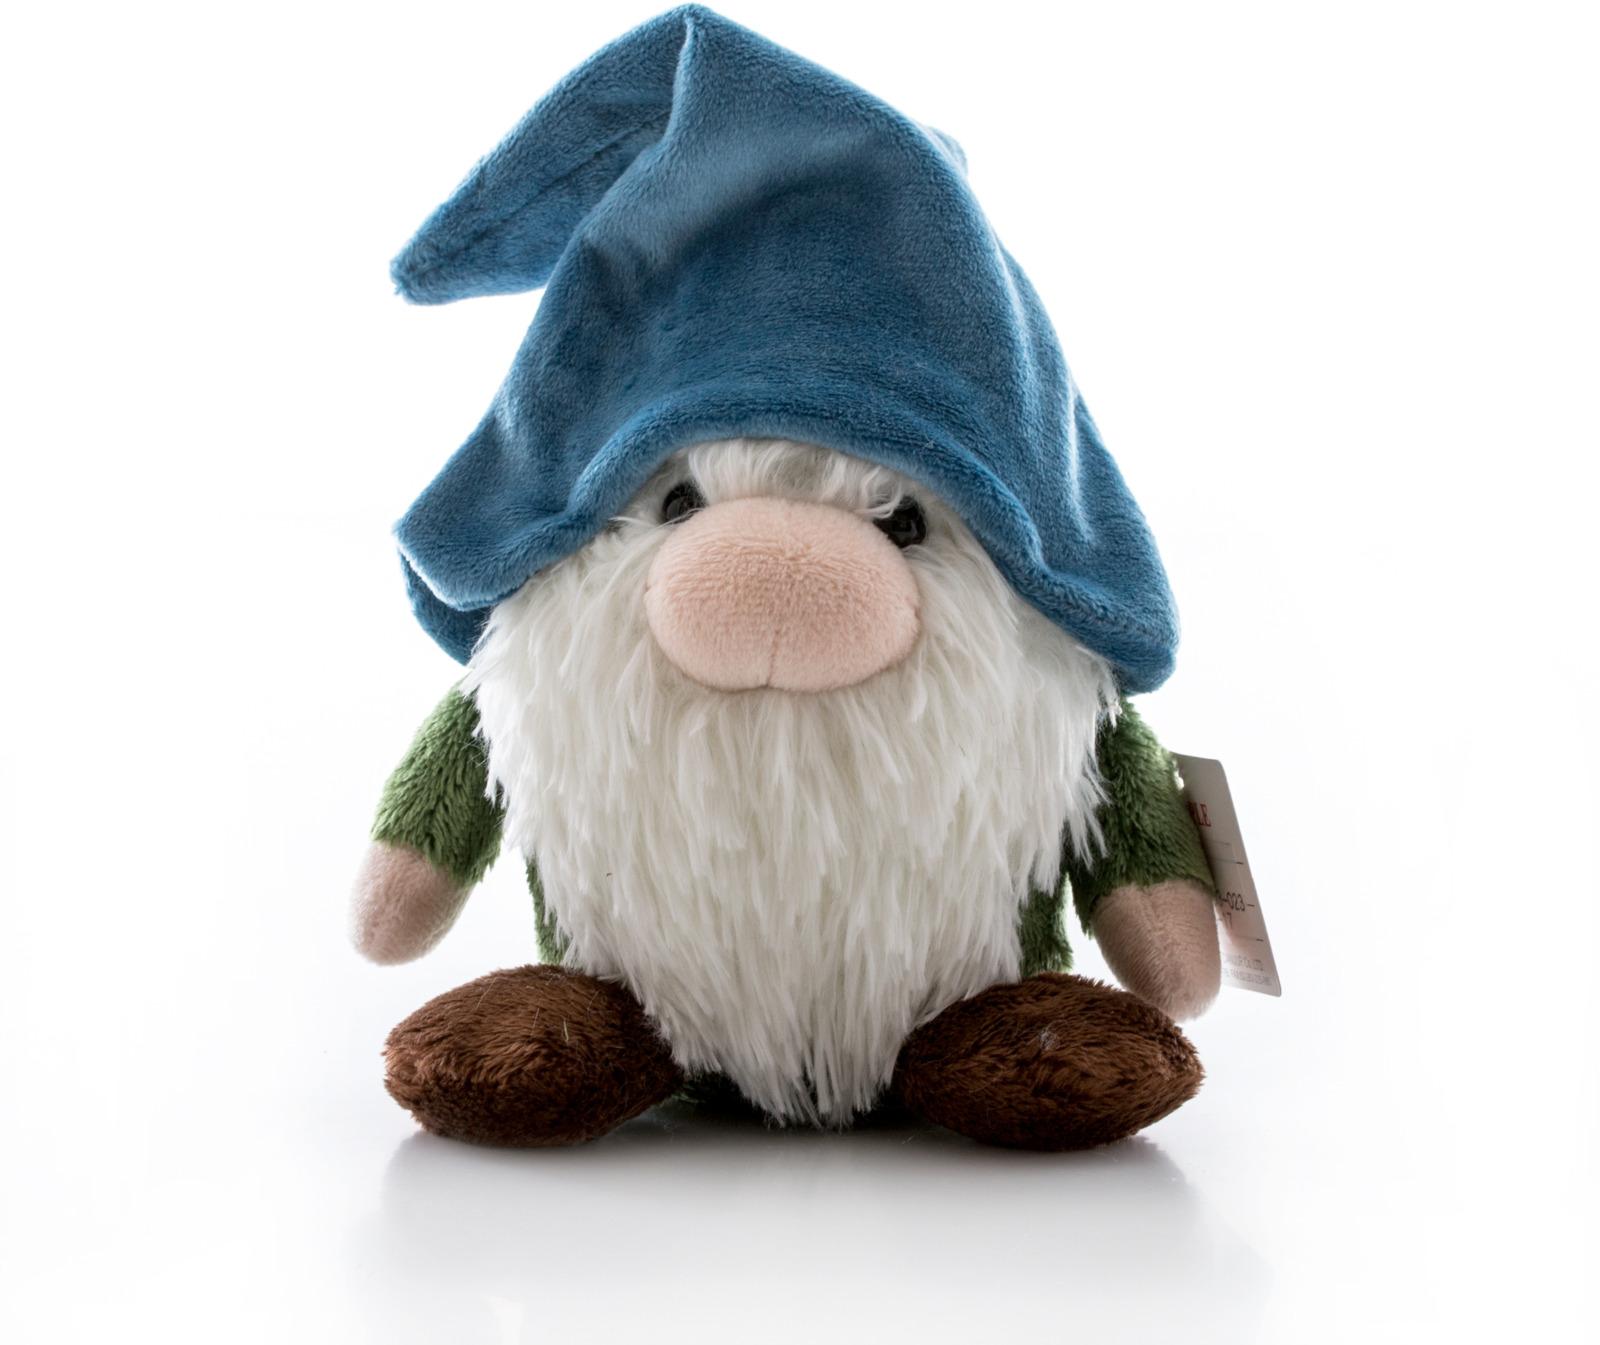 Игрушка мягкая Aurora Гном, цвет: синий, 35 см цена